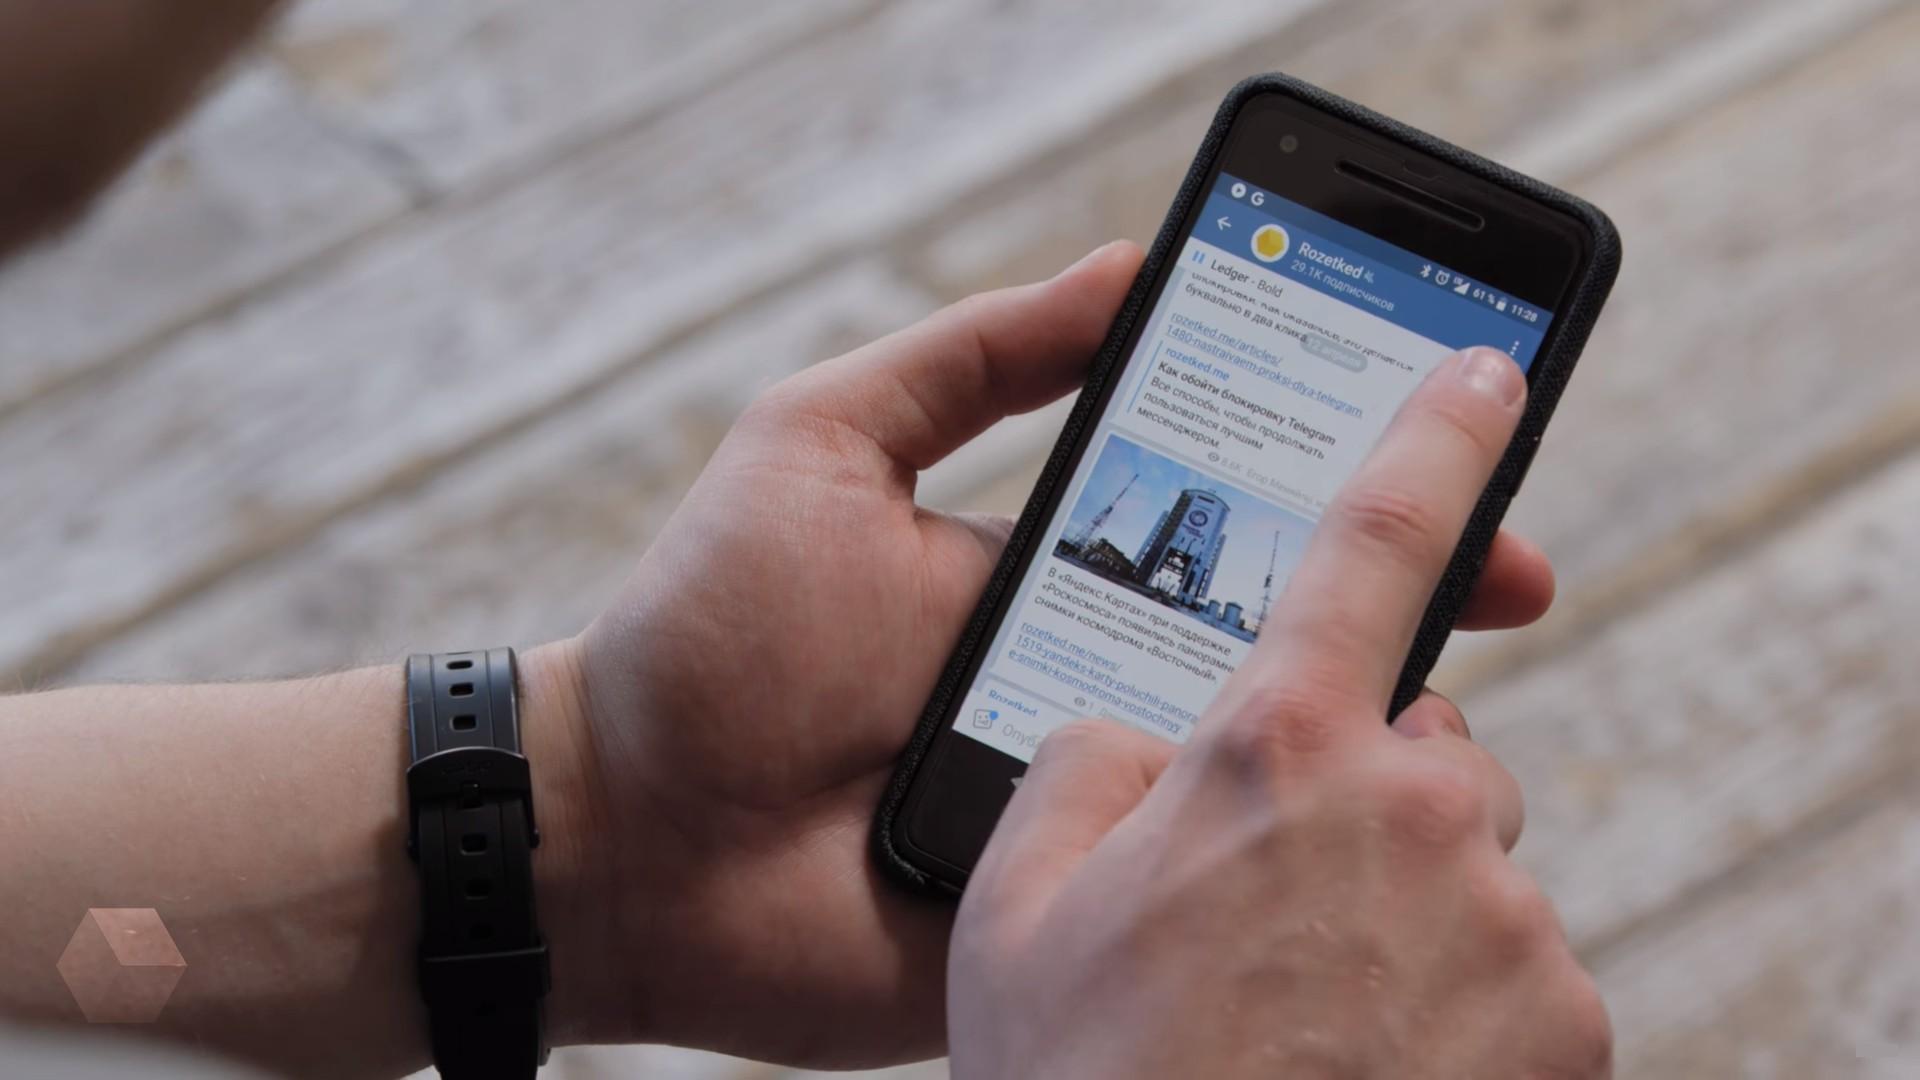 Роскомнадзор частично разблокировал веб-сервисы Telegram